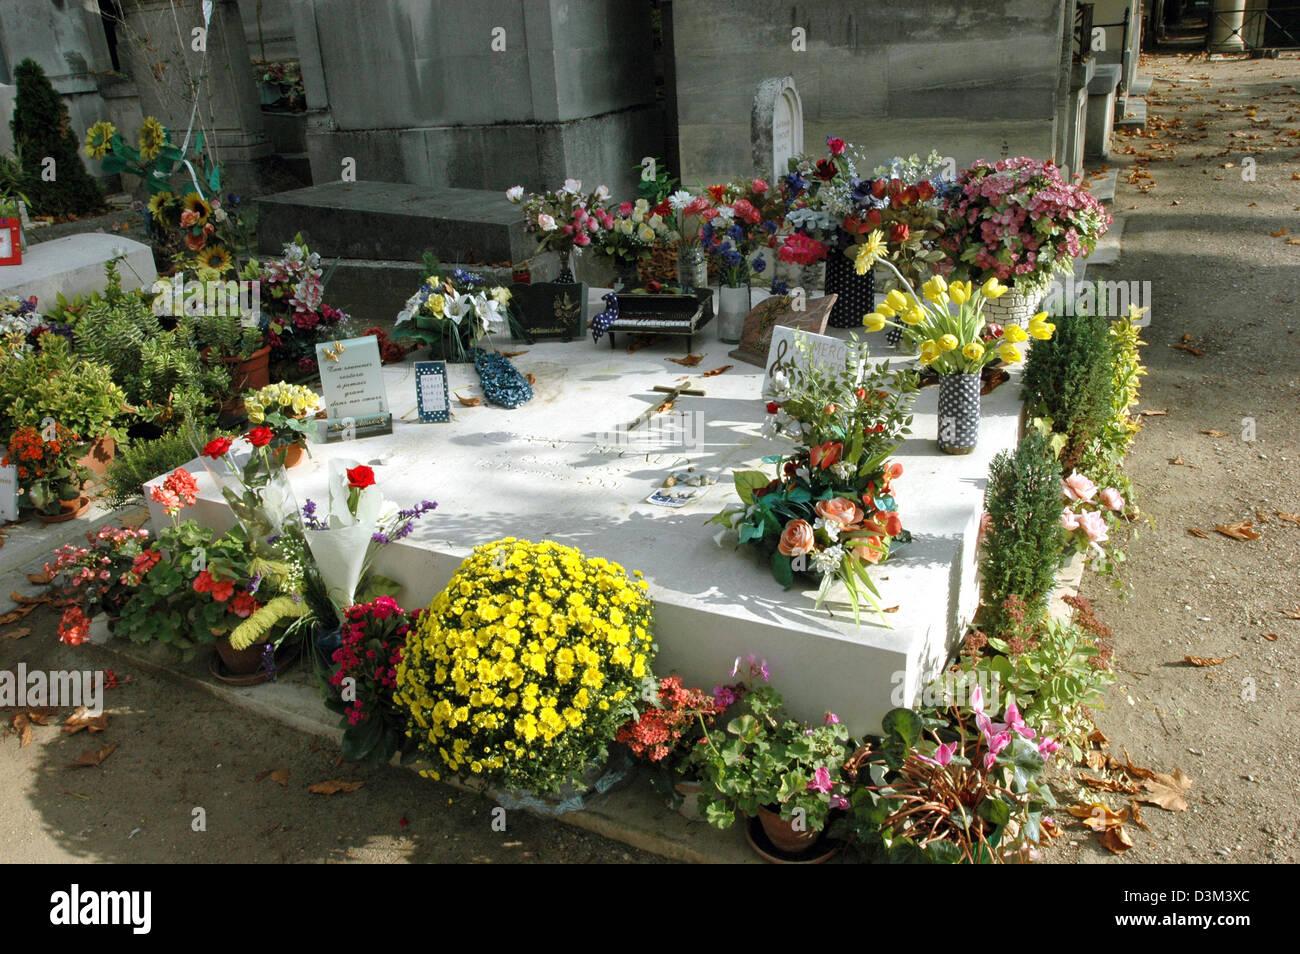 Afp) - l'image montre la tombe du chanteur chanson française Gilbert